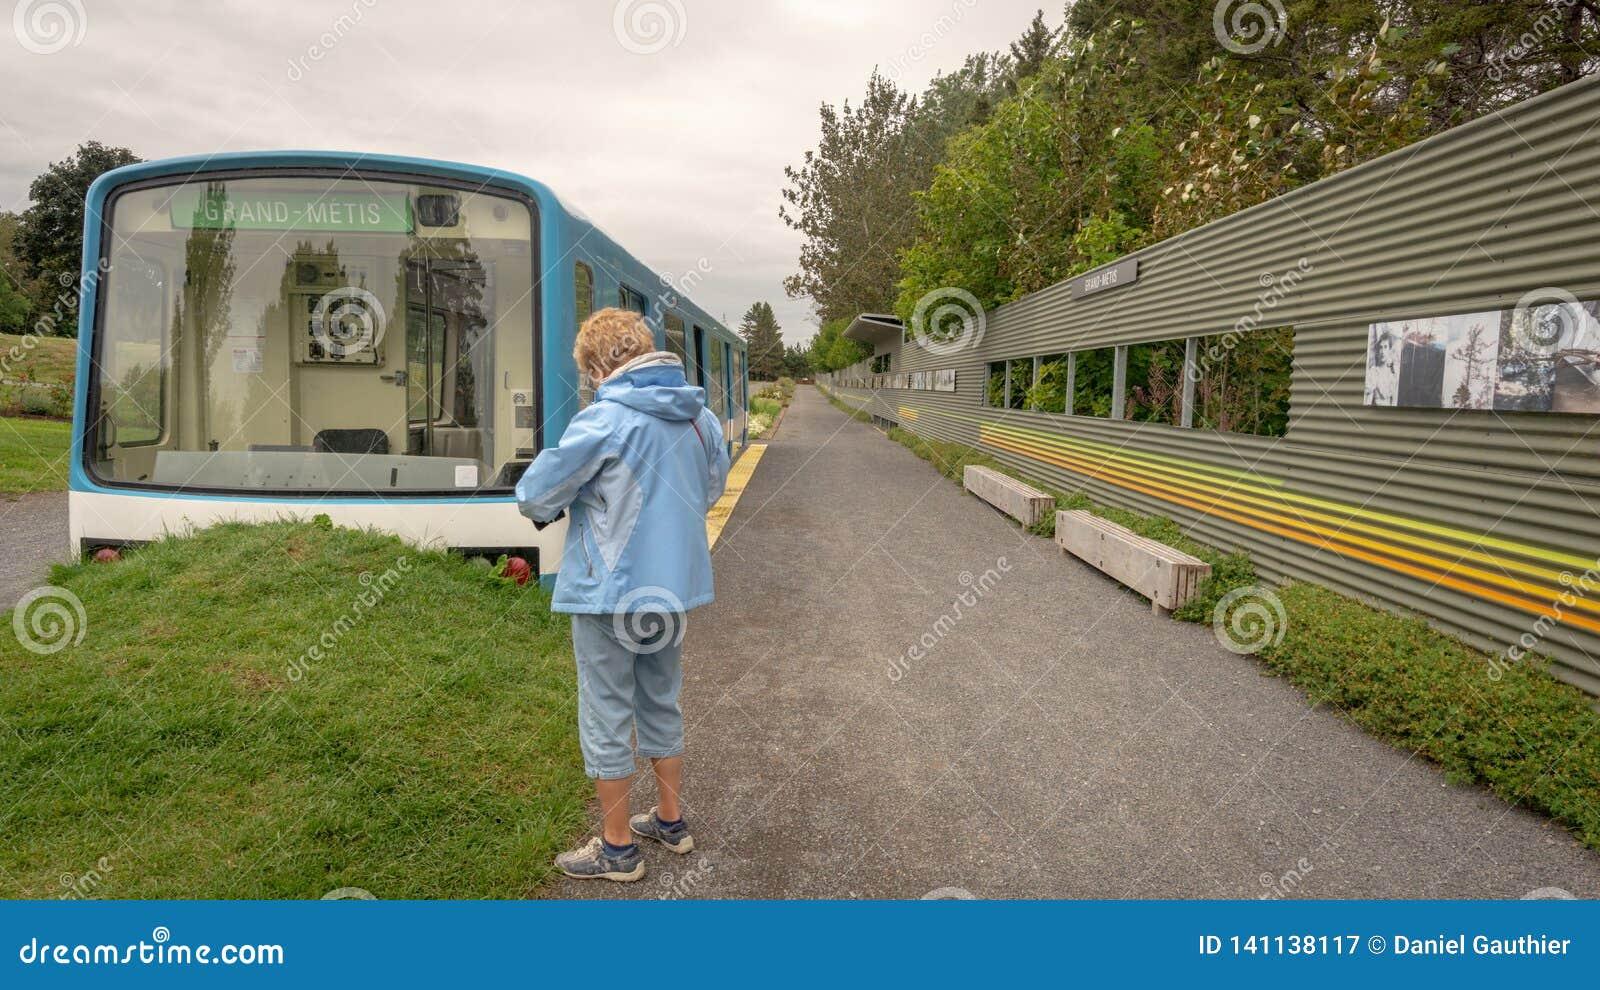 De oude die metro van Montreal auto bij de ingang van Reford wordt geïnstalleerd tuiniert, metis-sur-MER, Quebec, Canada